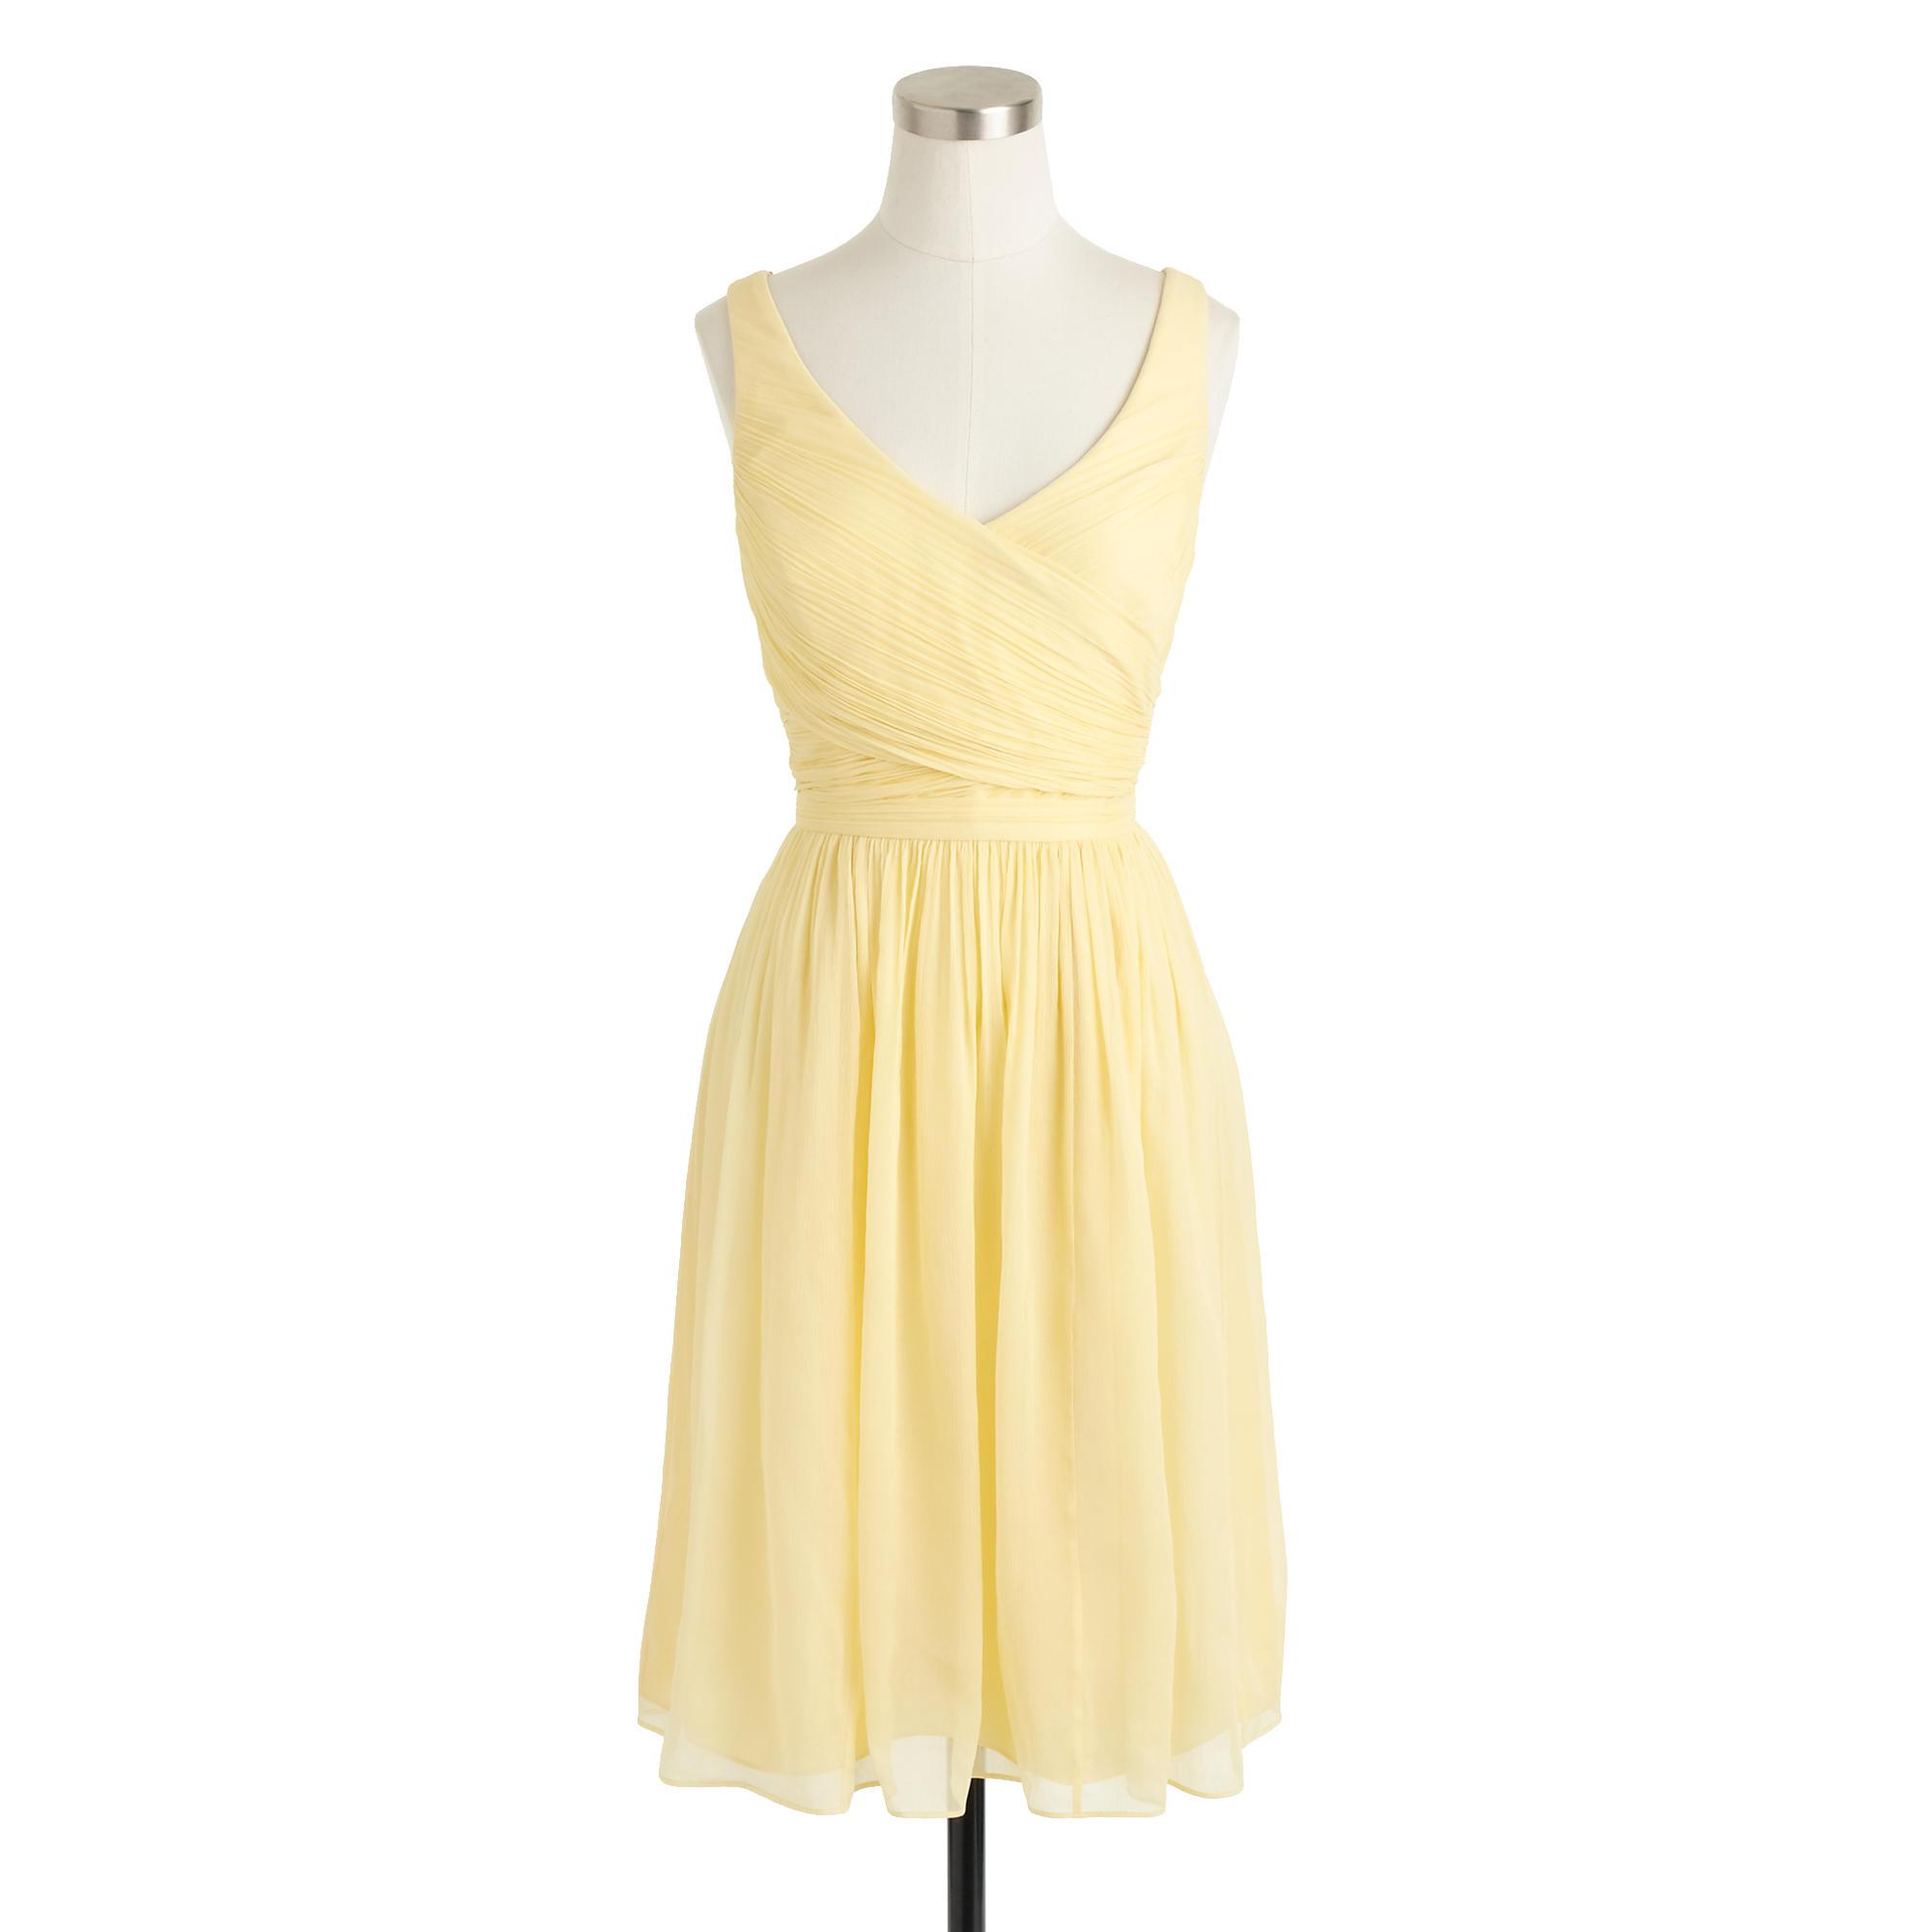 Heidi Gown in Silk Chiffon – fashion dresses